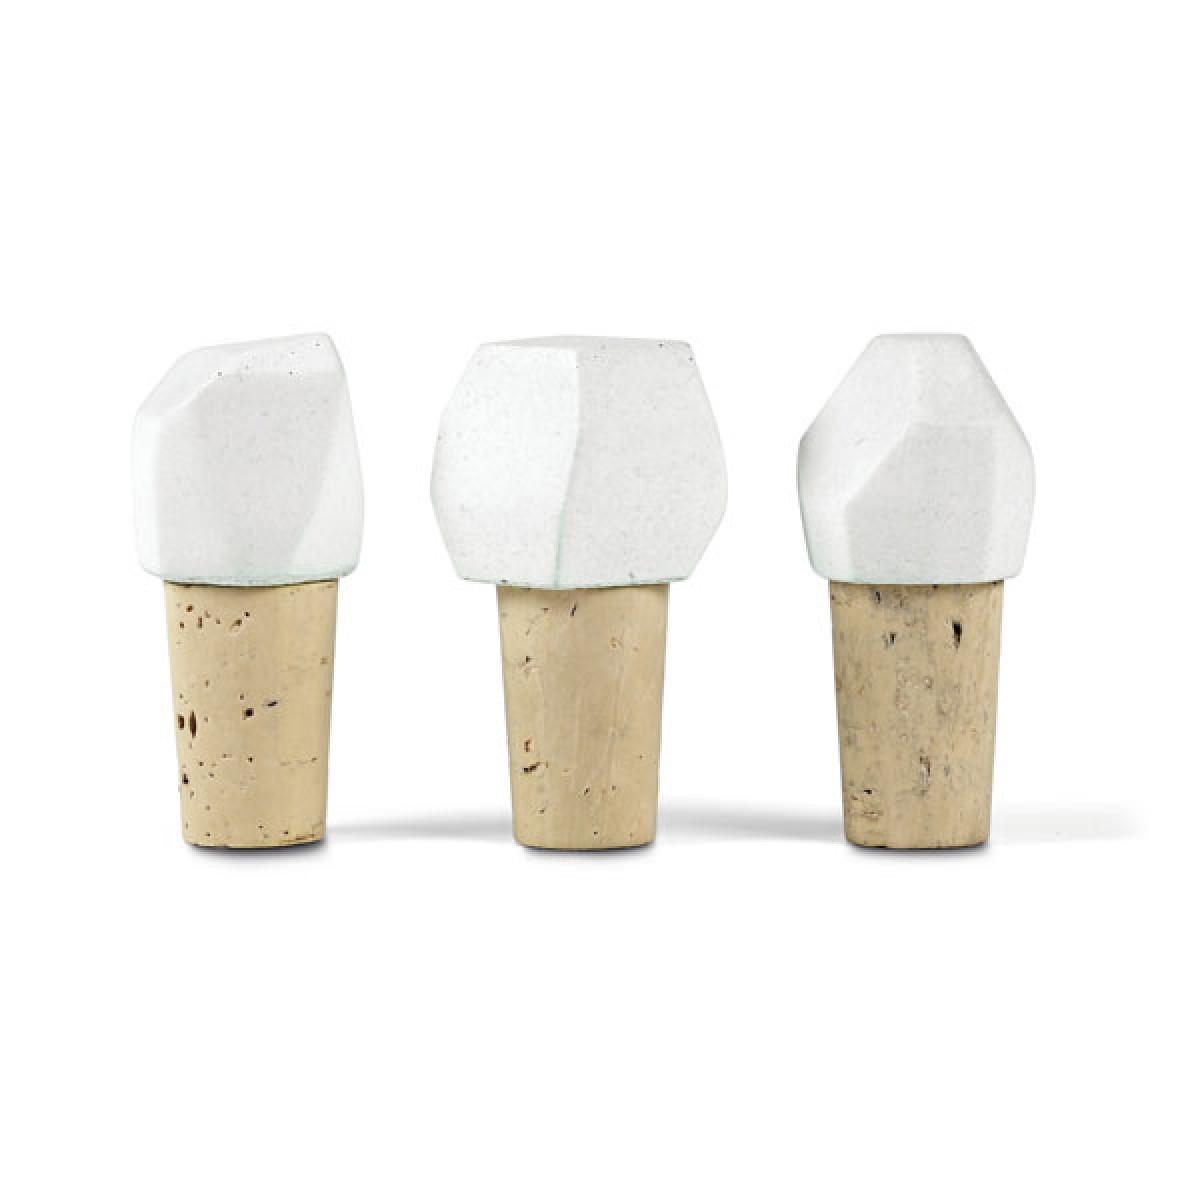 Korn Produkte Flaschenverschluss ZWÖLF aus Beton und Kork im SET